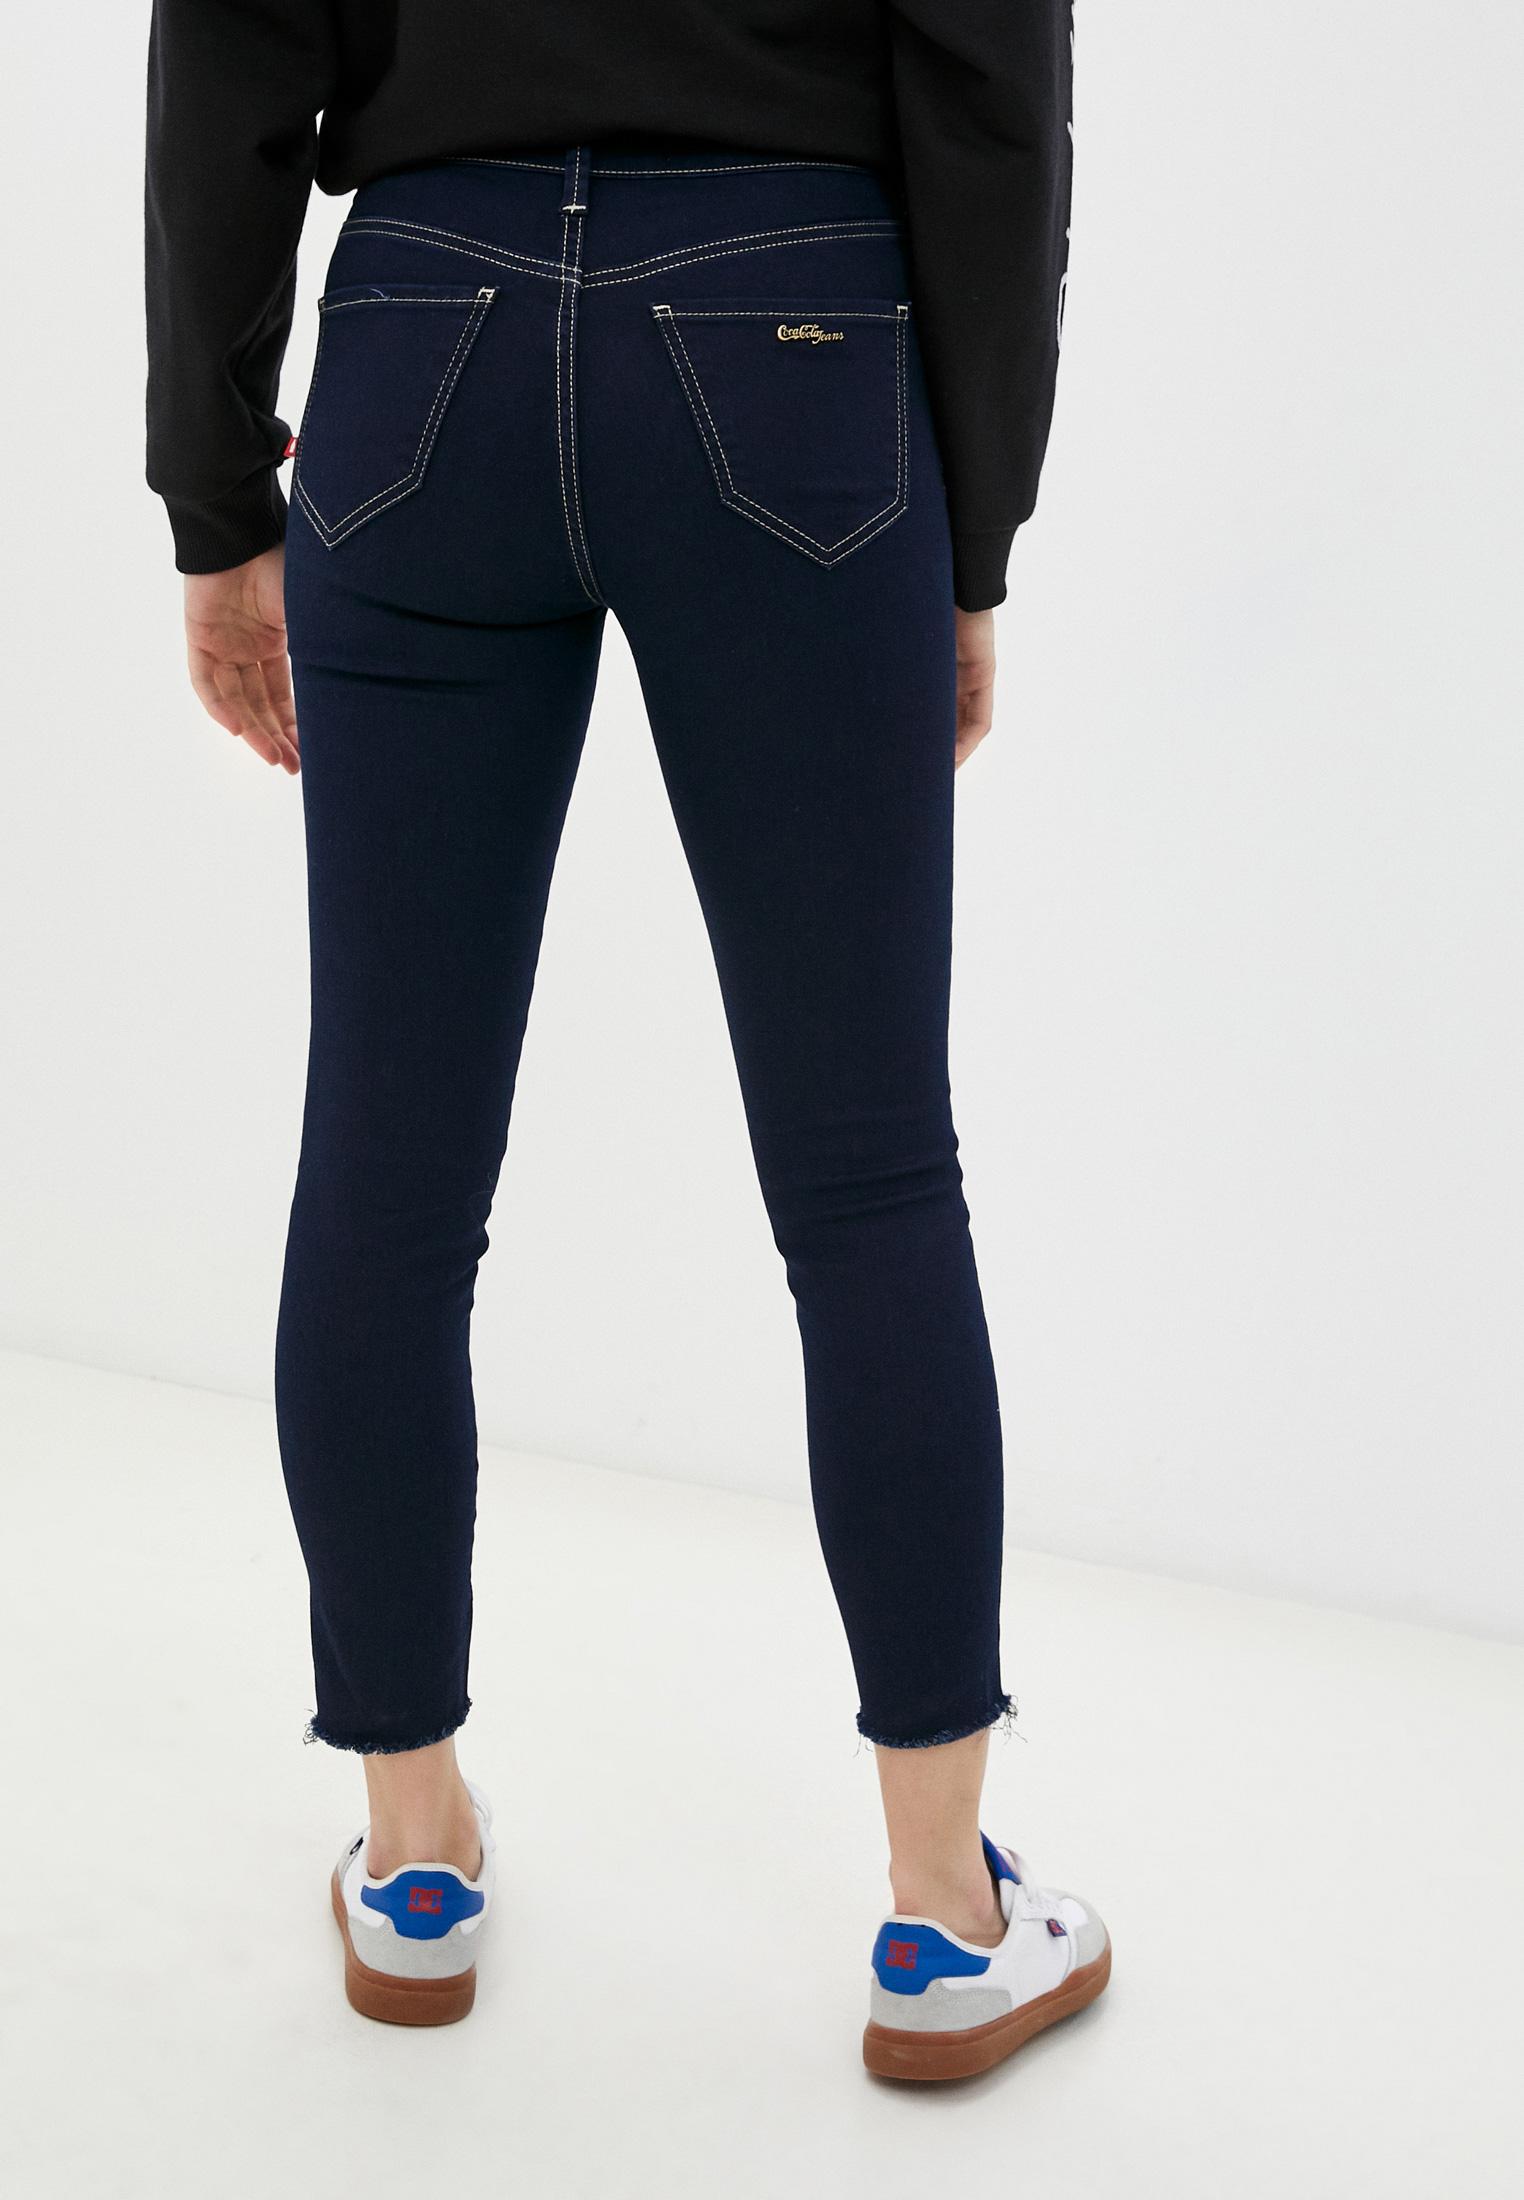 Зауженные джинсы Coca Cola Jeans 002.32.02969: изображение 3